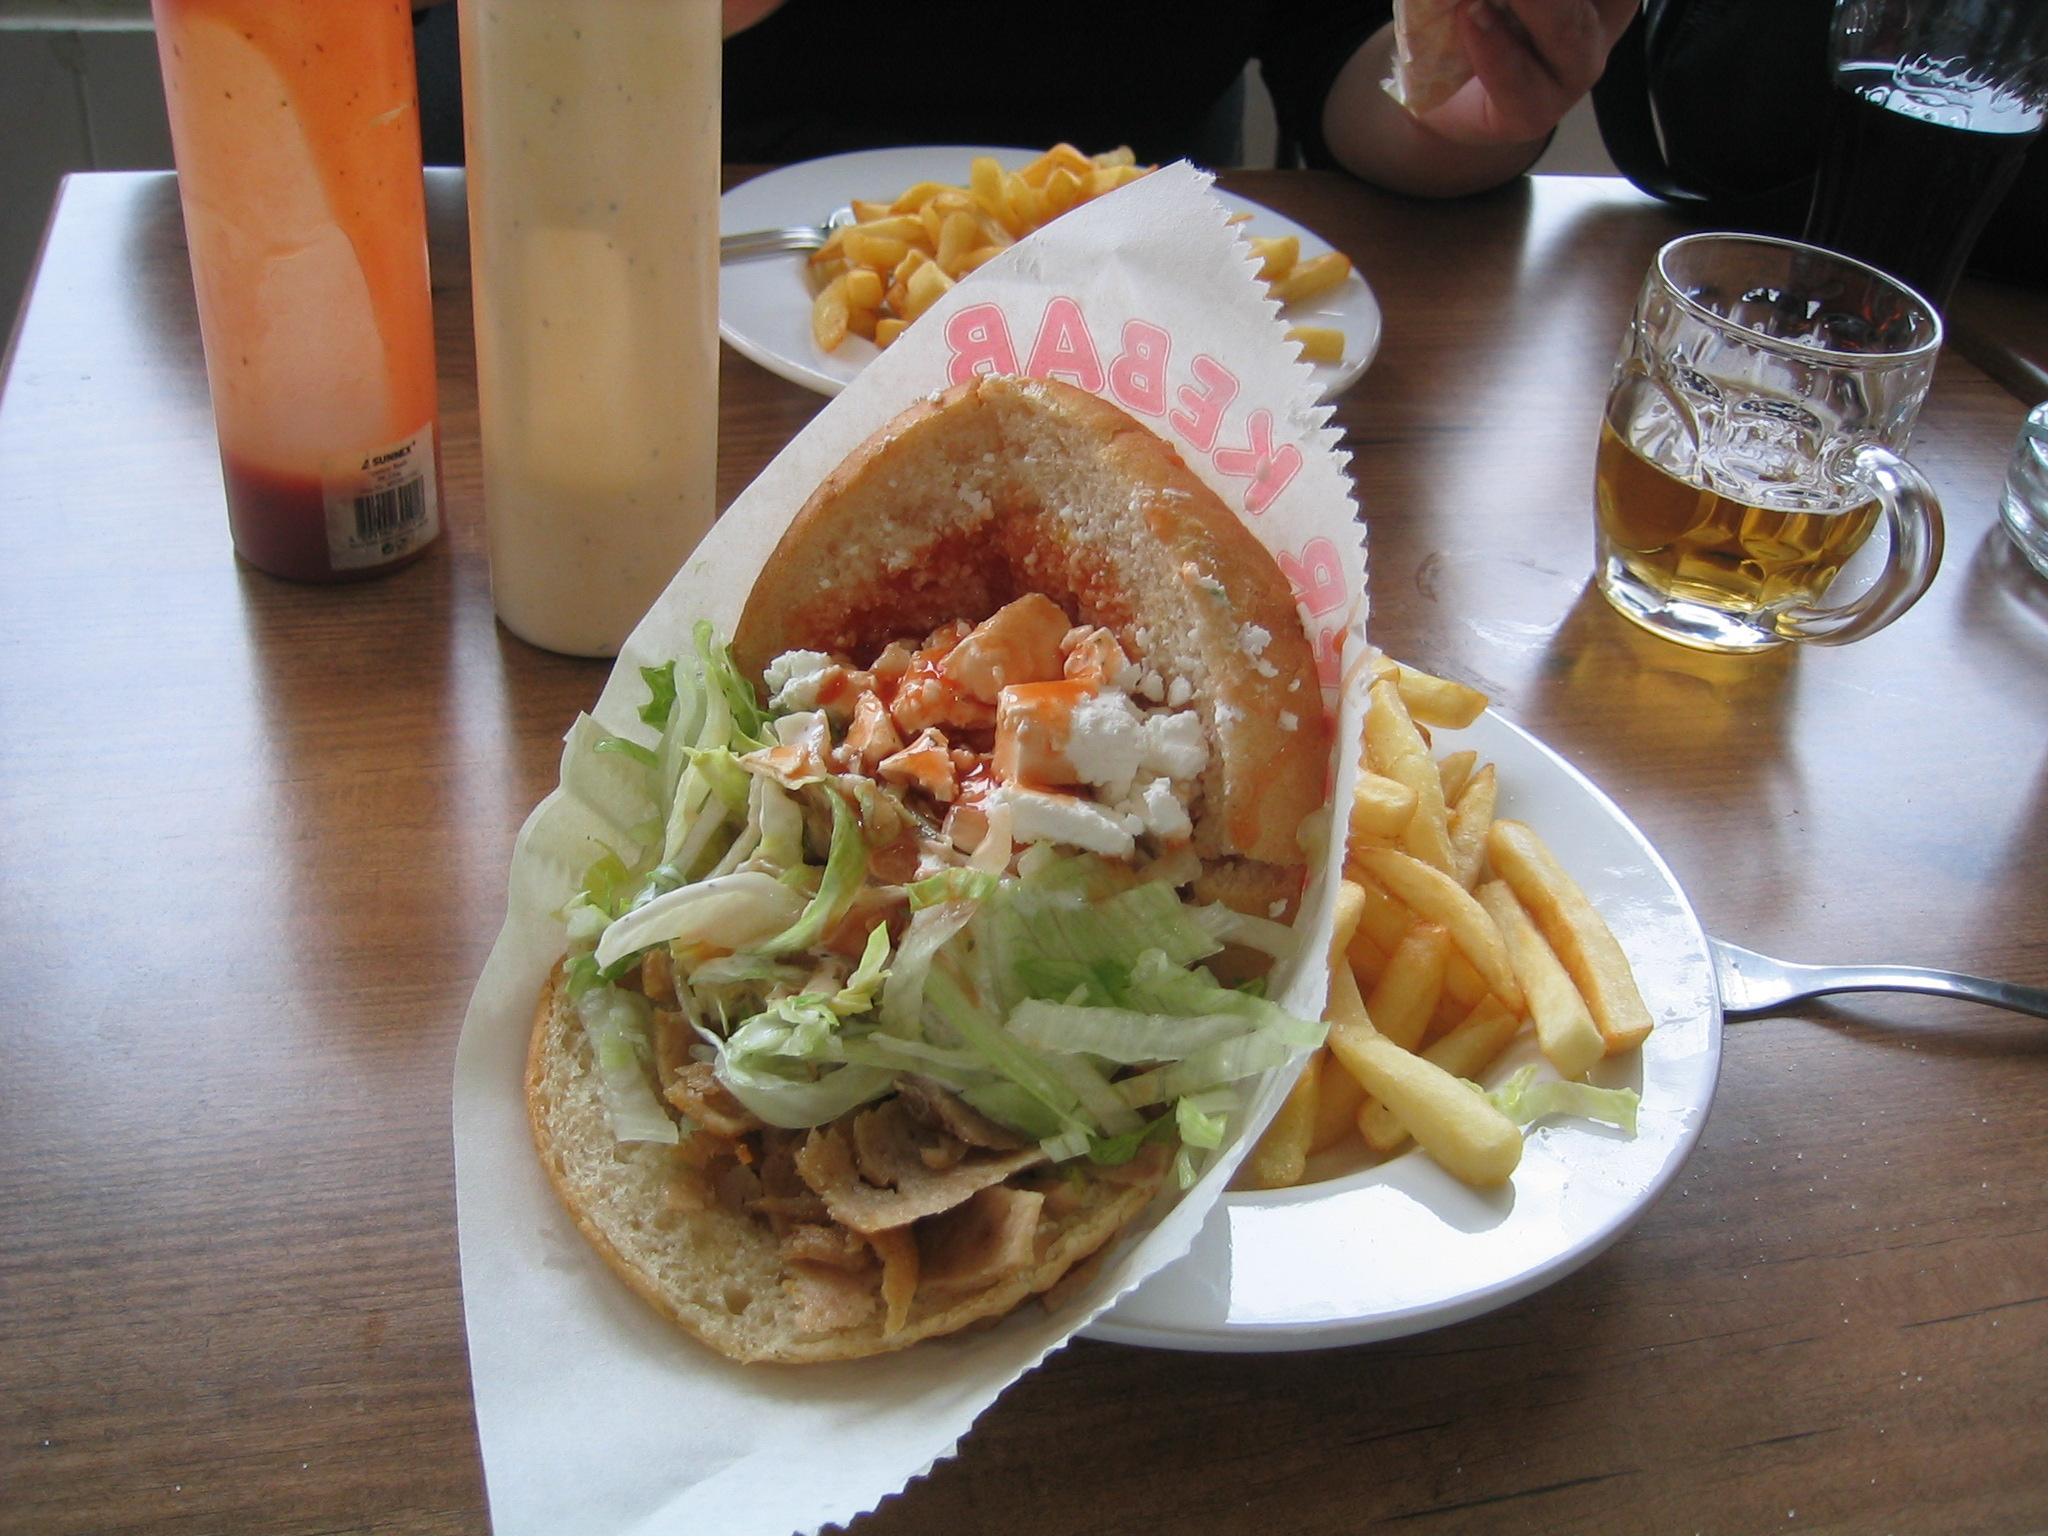 German Food Ontario